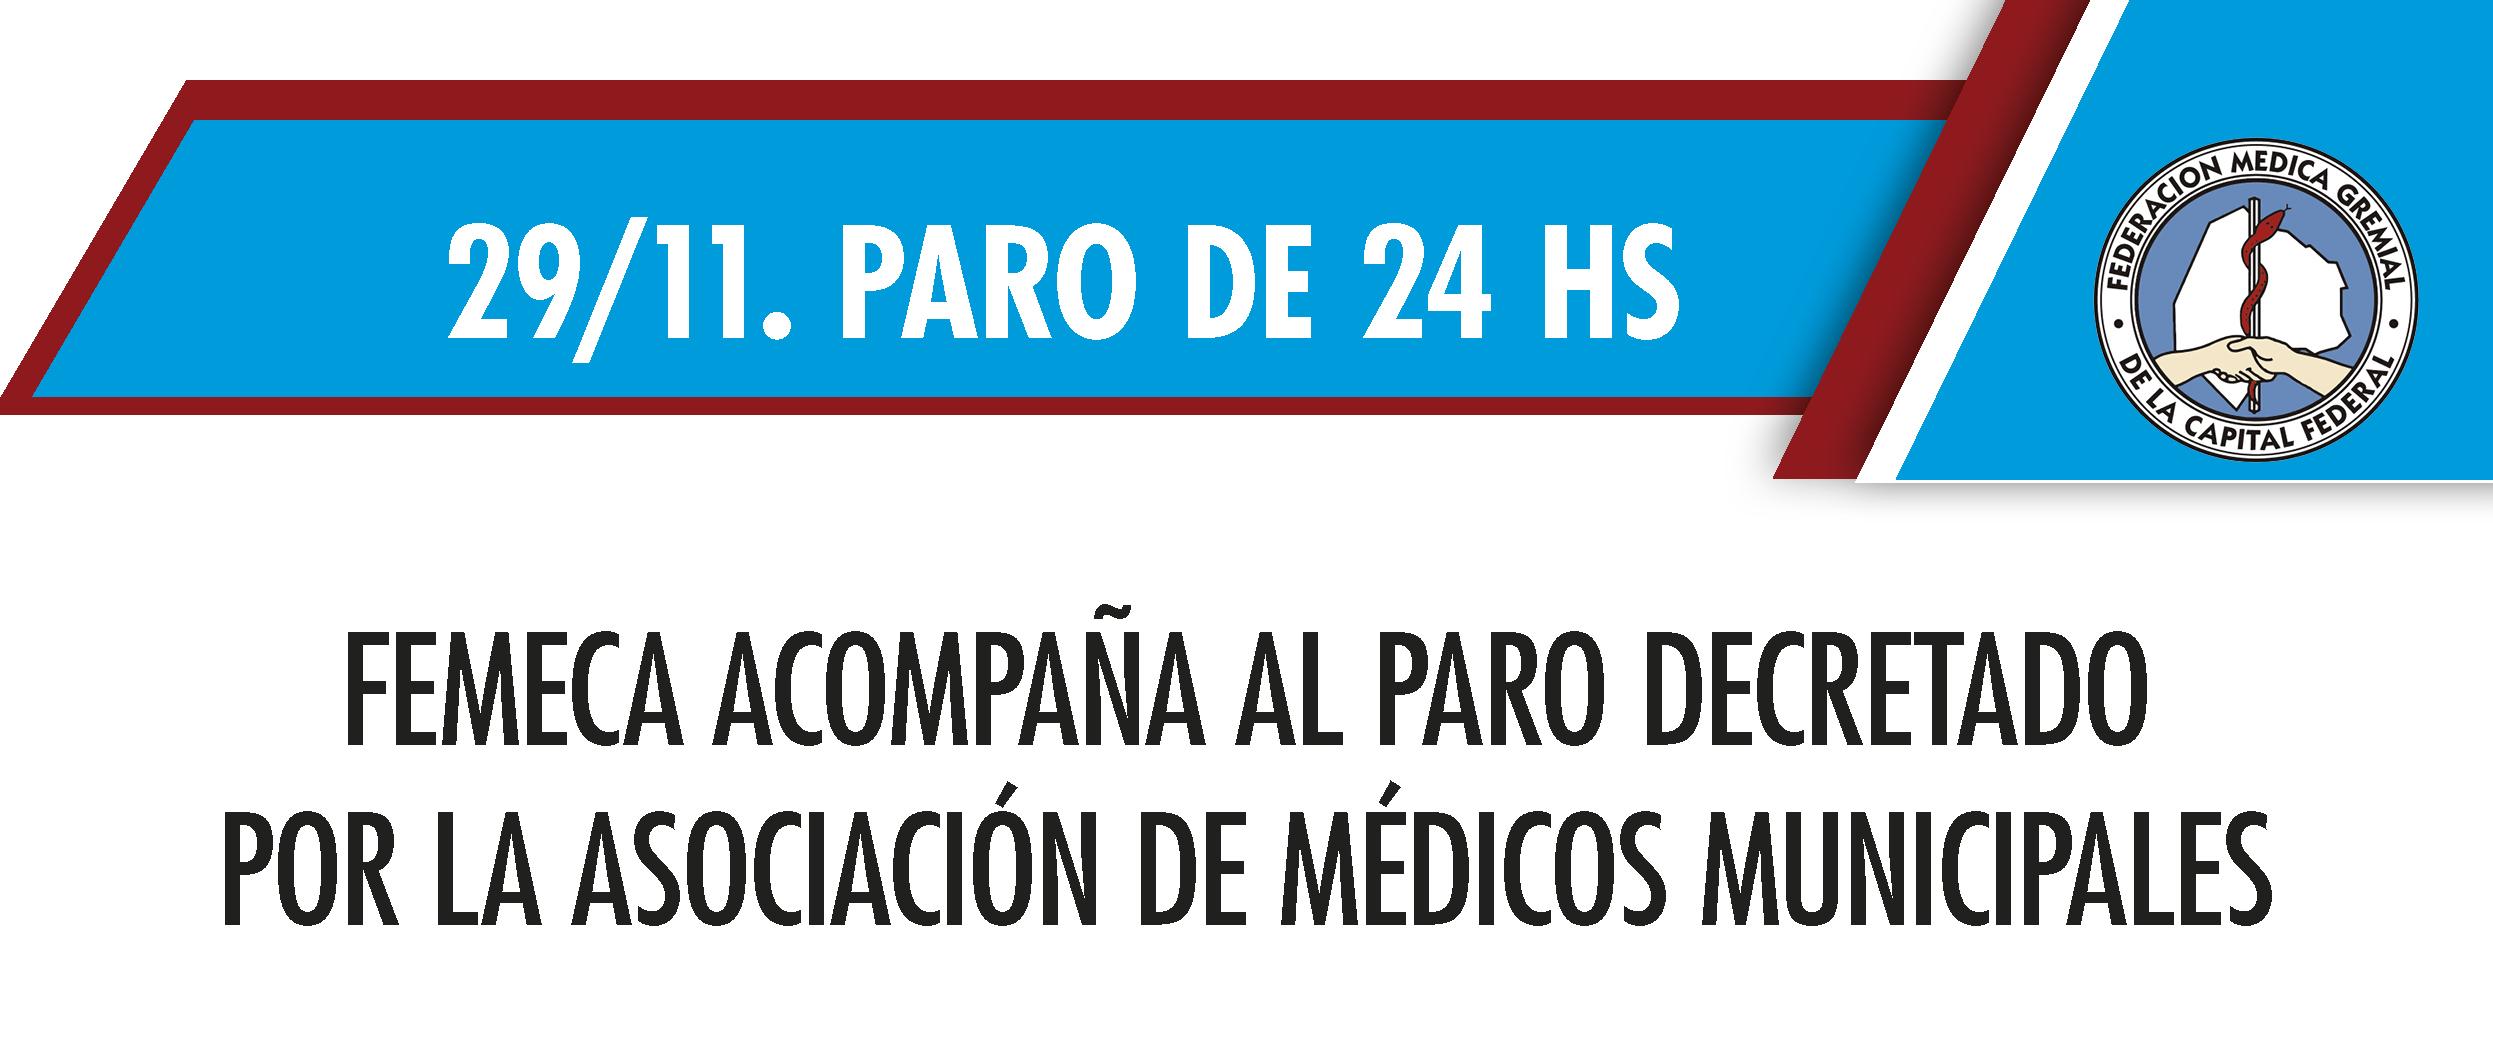 Paro en repudio de la represión a médicos residentes